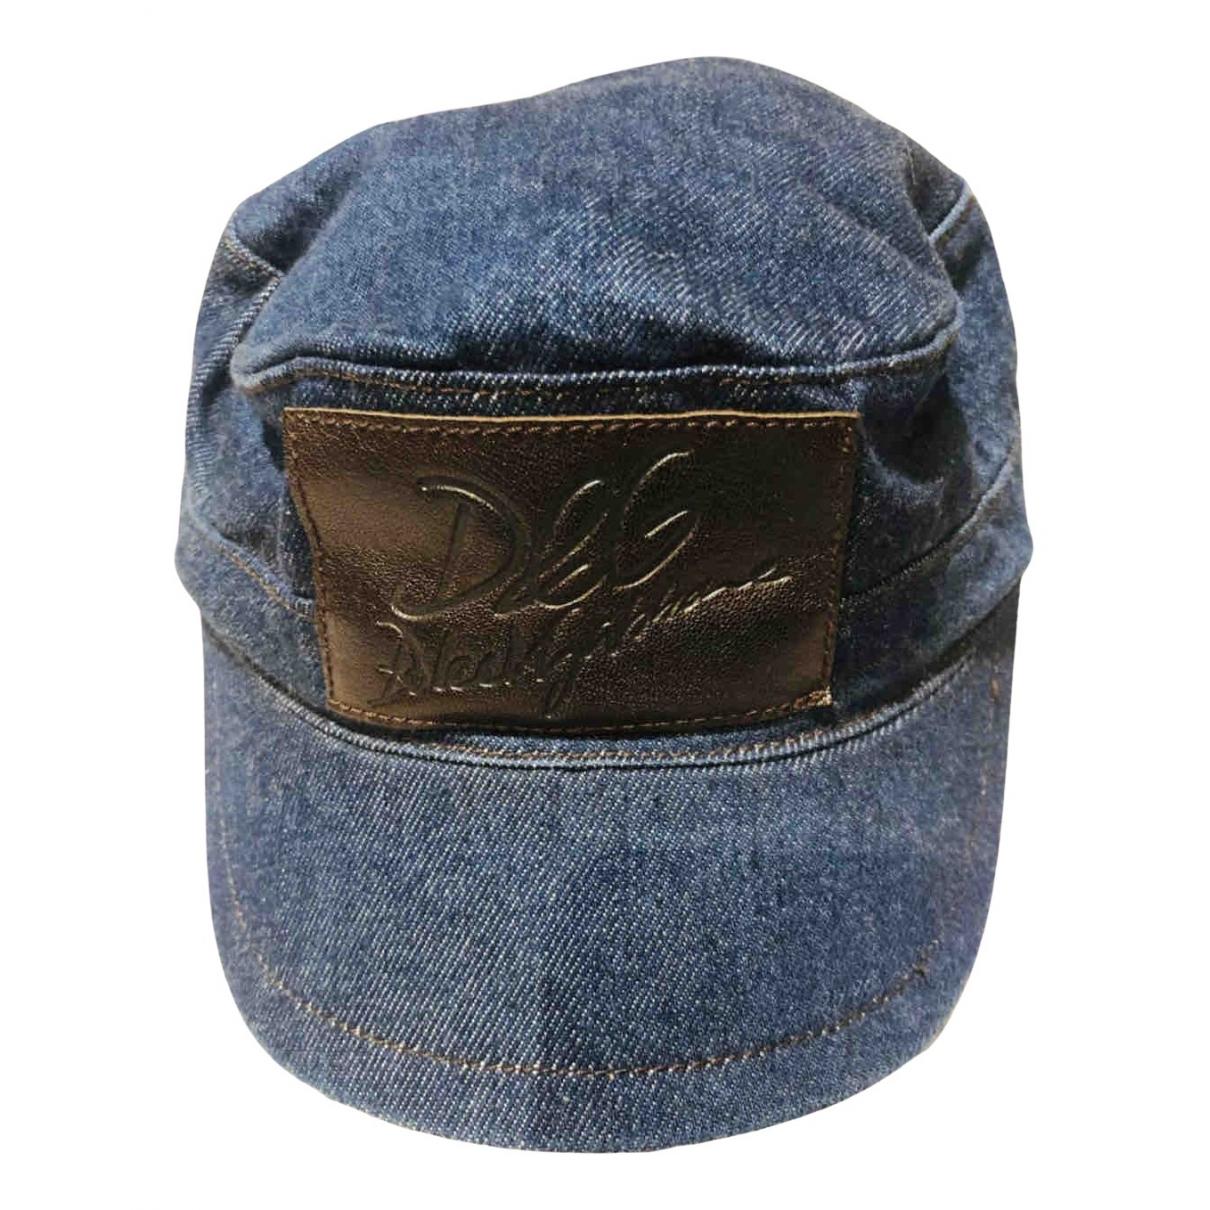 D&g - Chapeau & Bonnets   pour homme en coton - bleu